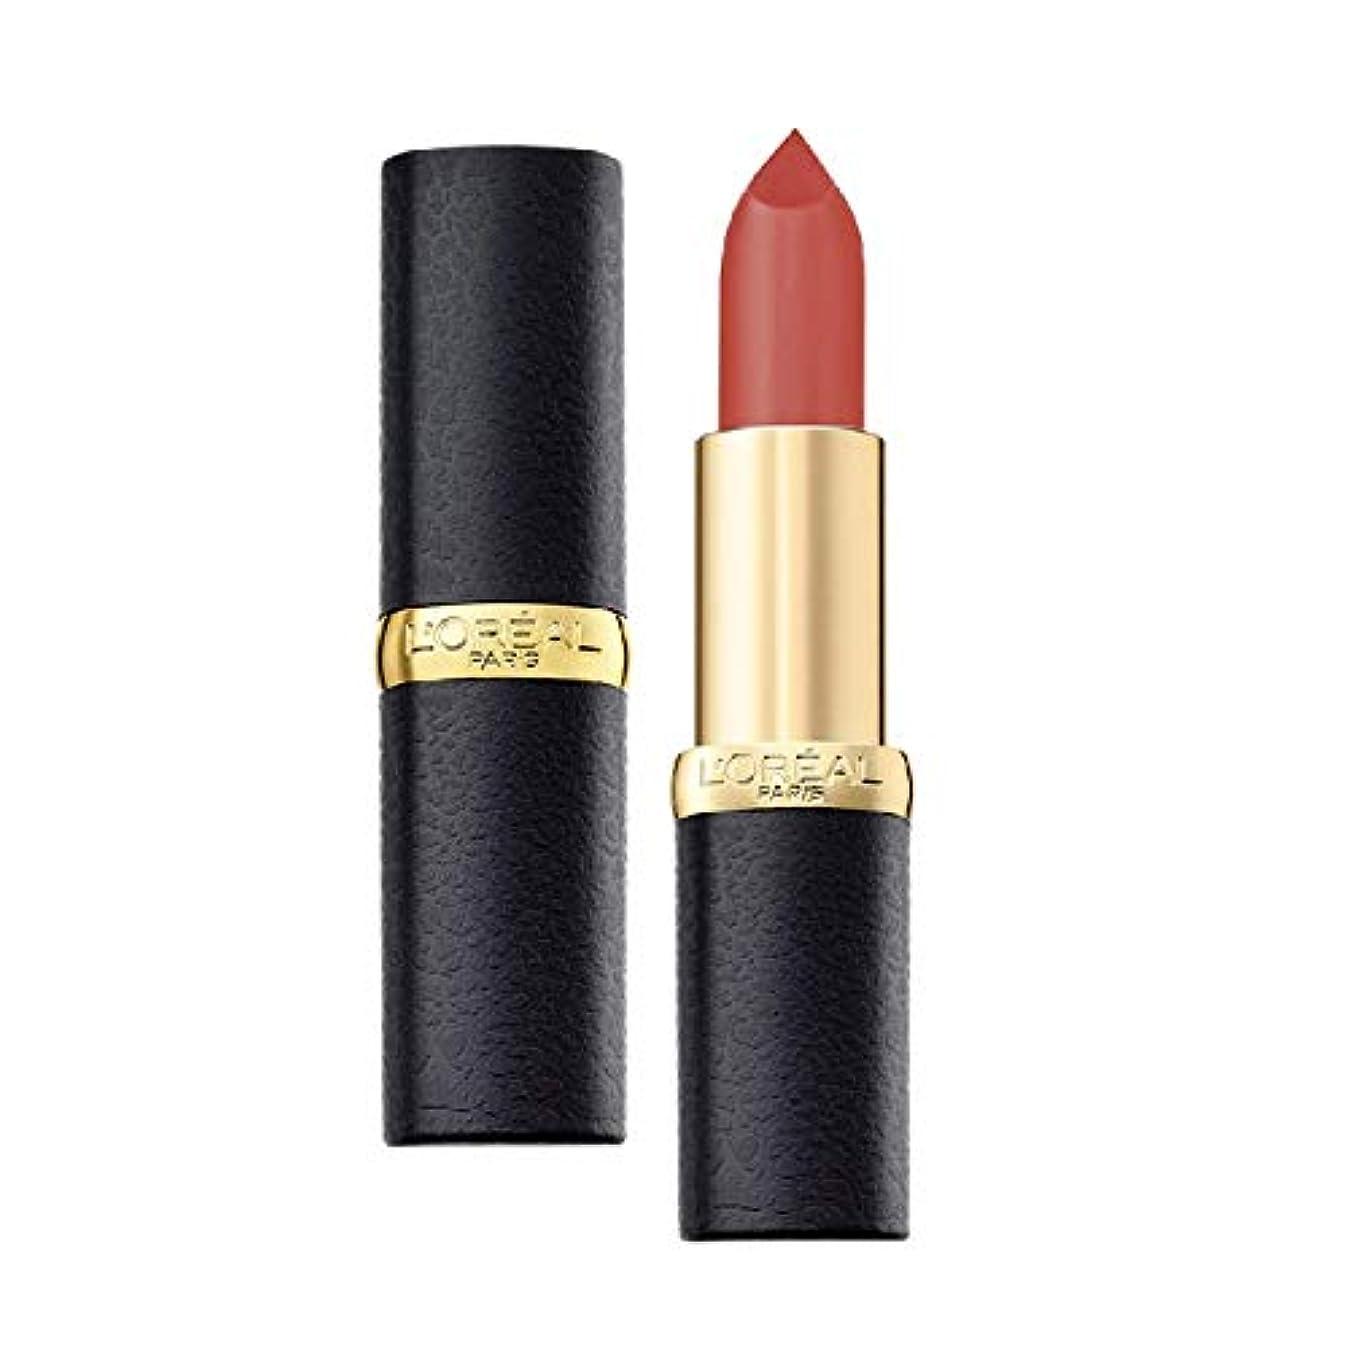 修道院引き金宗教L'Oreal Paris Color Riche Moist Matte Lipstick, 233 Rouge A Porter, 3.7g